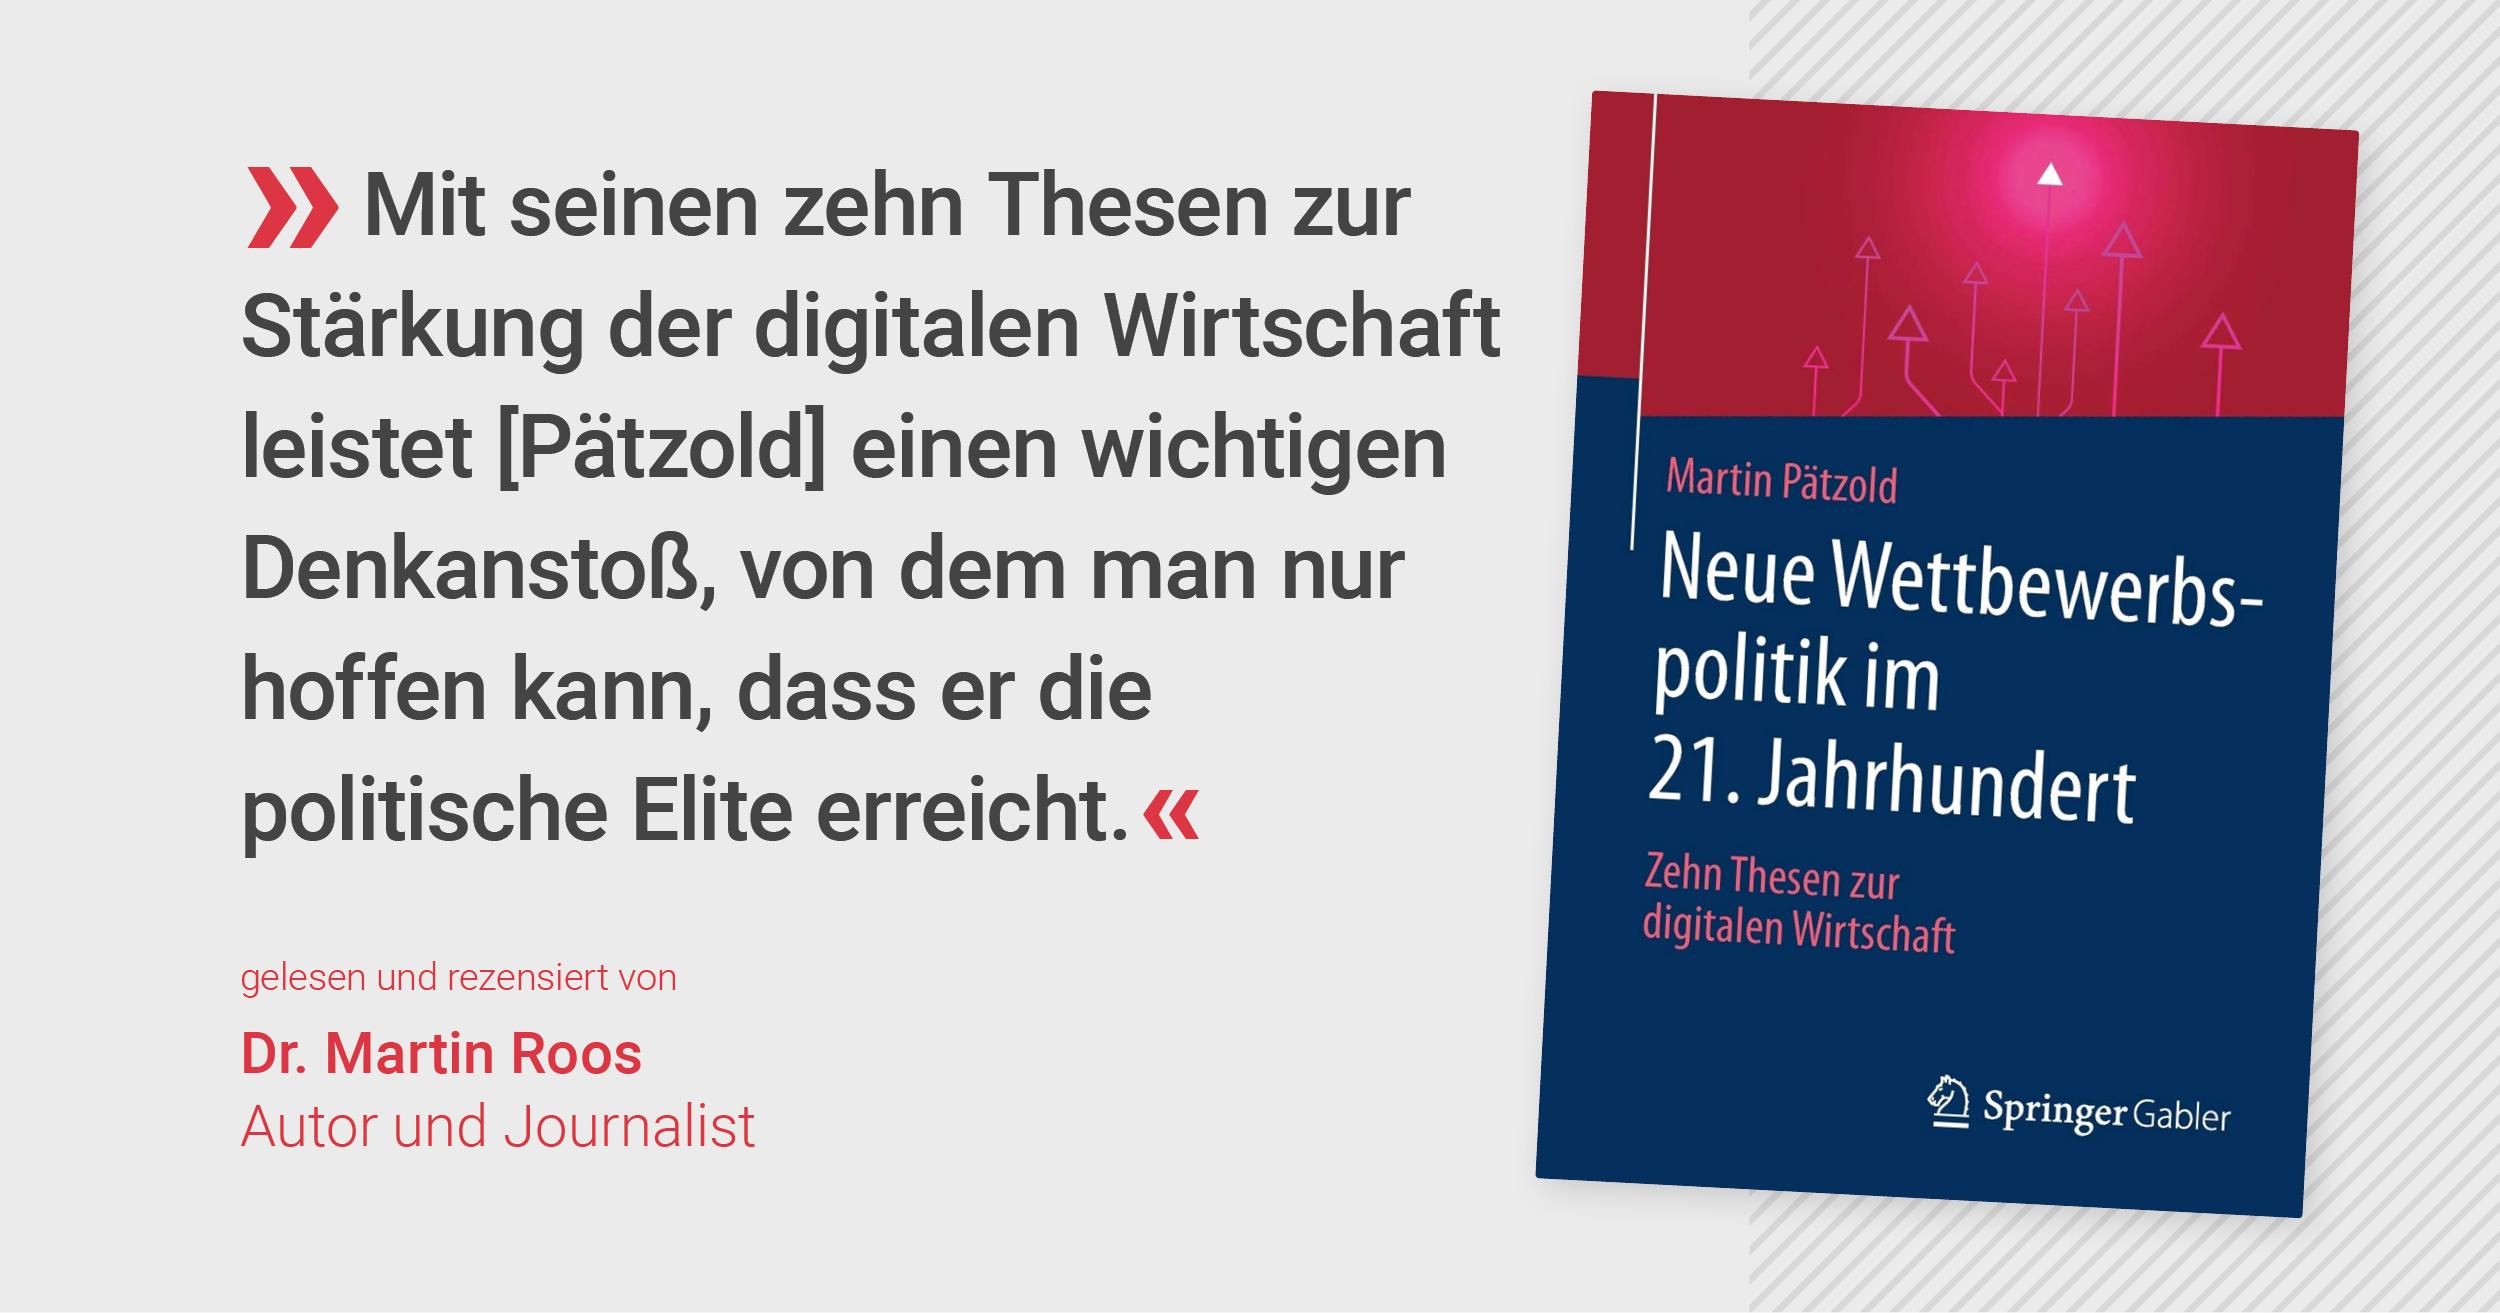 Raus aus der Lethargie: Zehn Thesen hin zu einem digitalen Deutschland